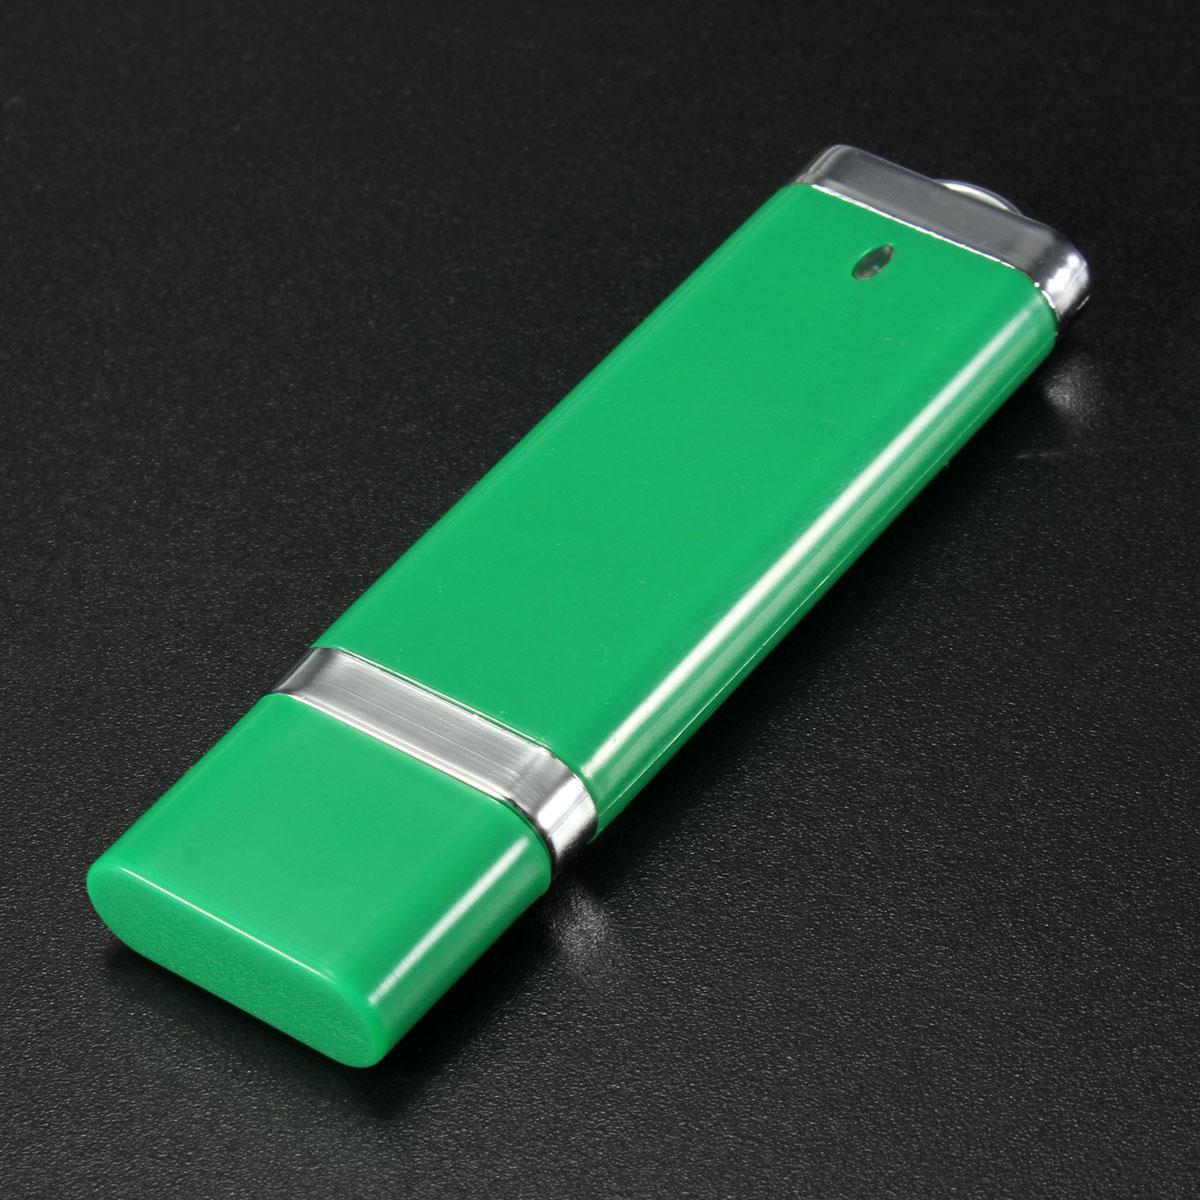 8gb usb 2 0 lighter model flash memory stick pen drive. Black Bedroom Furniture Sets. Home Design Ideas